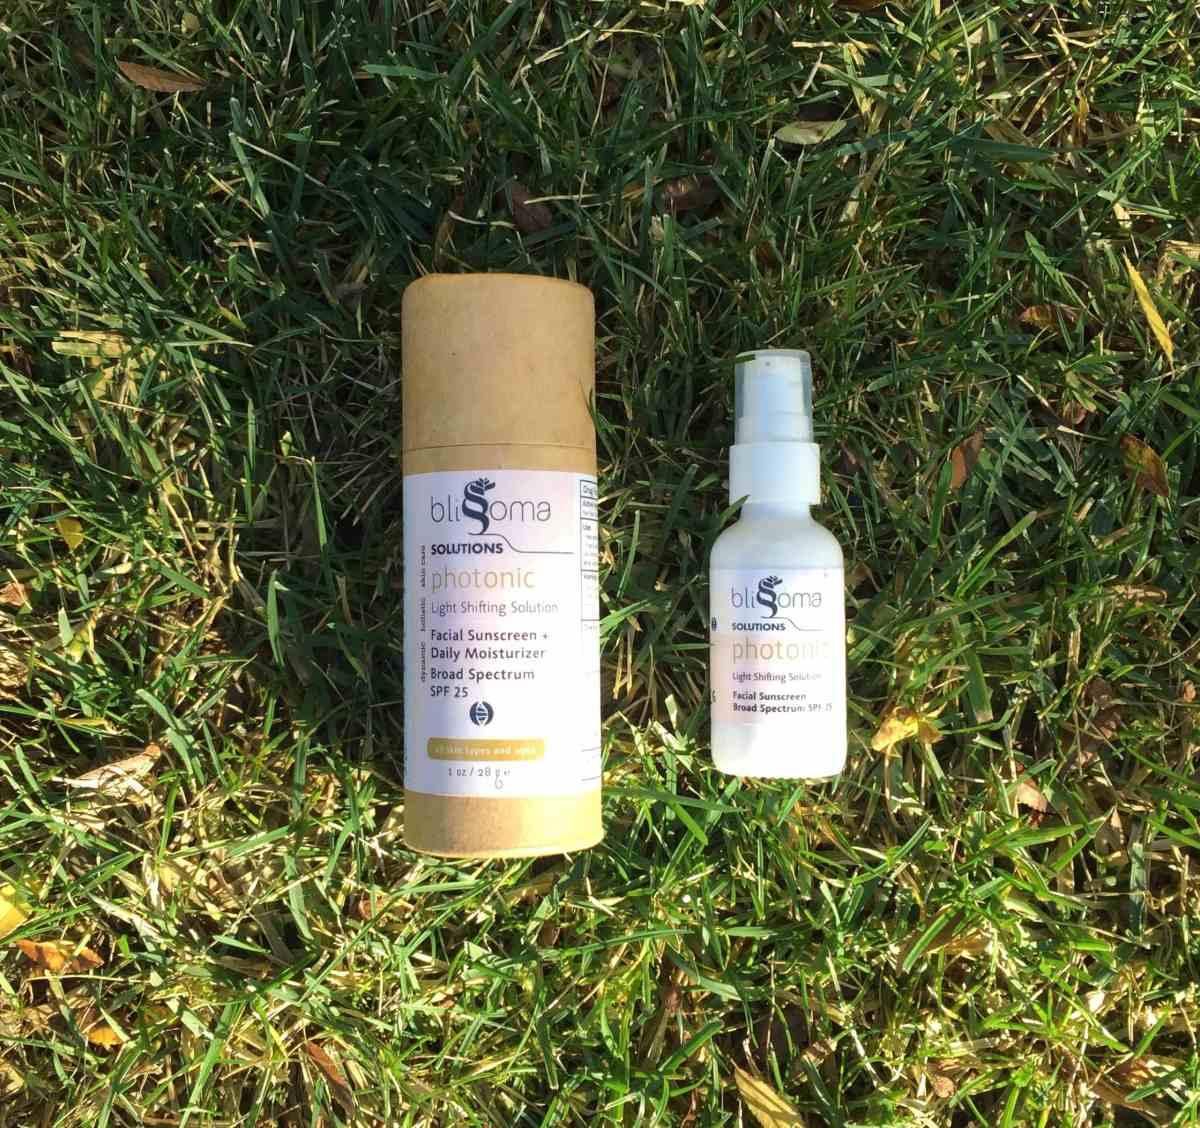 Blissoma Face Sunscreen